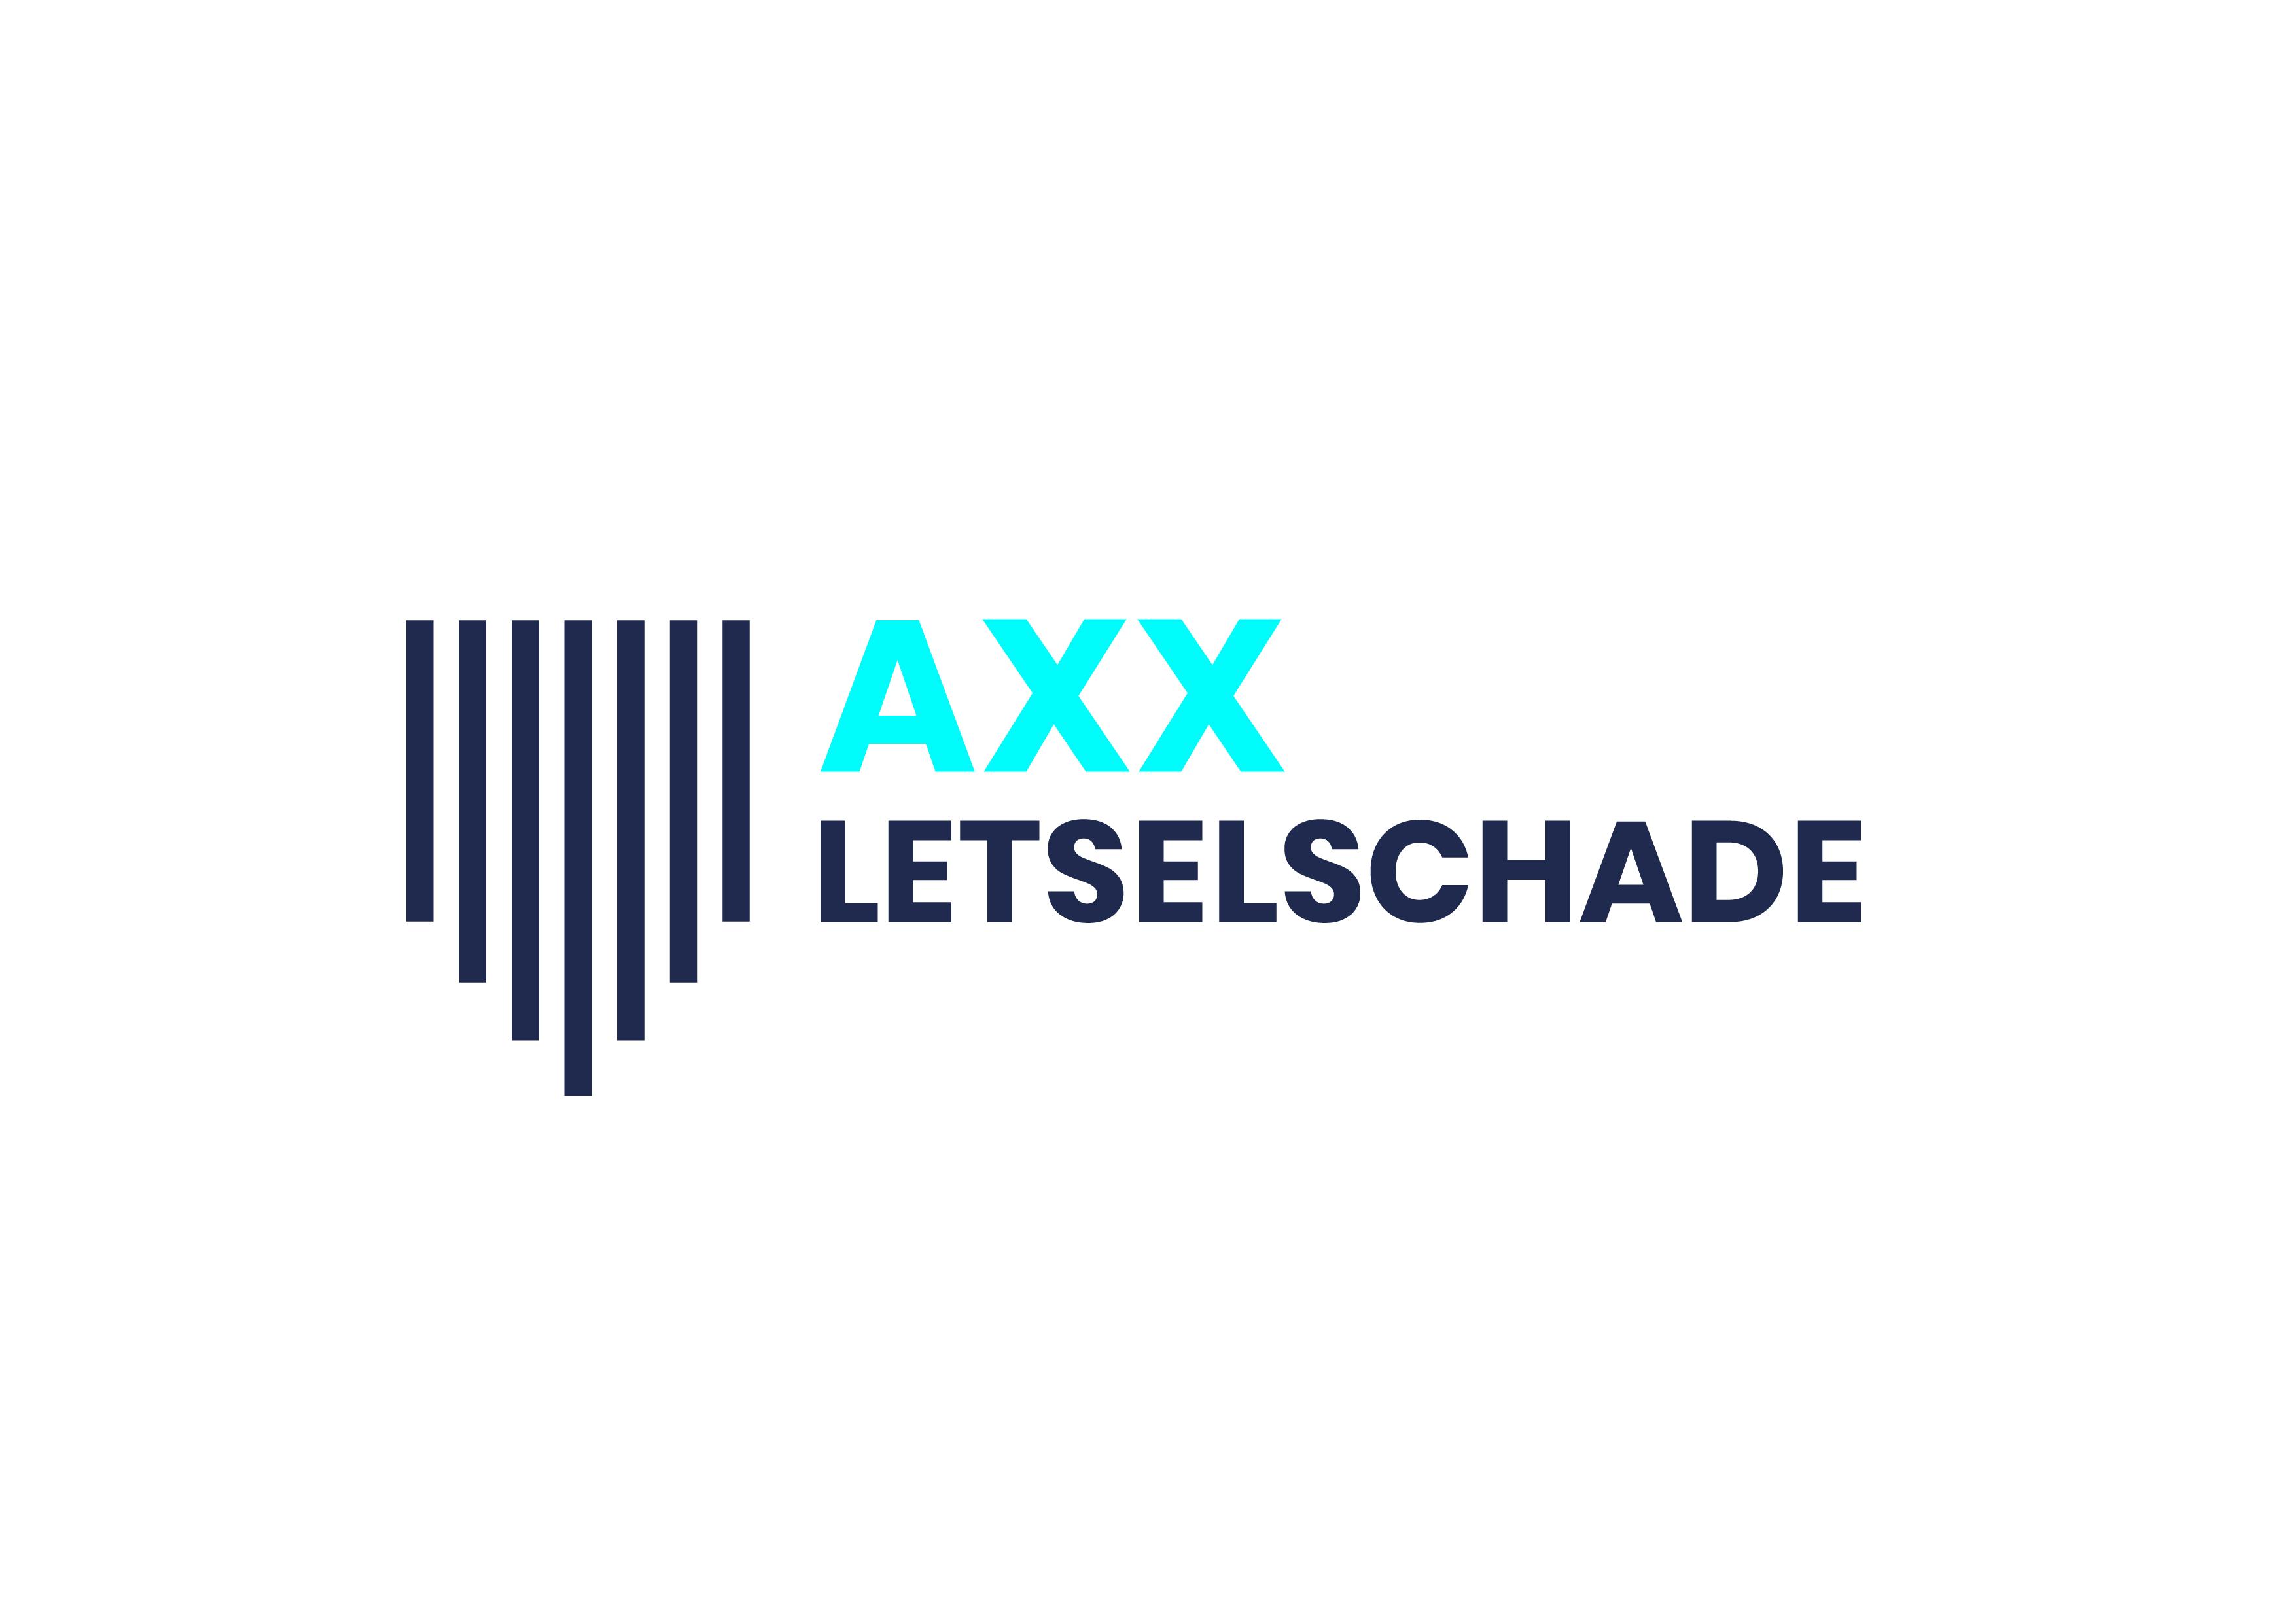 AXX LETSELSCHADE